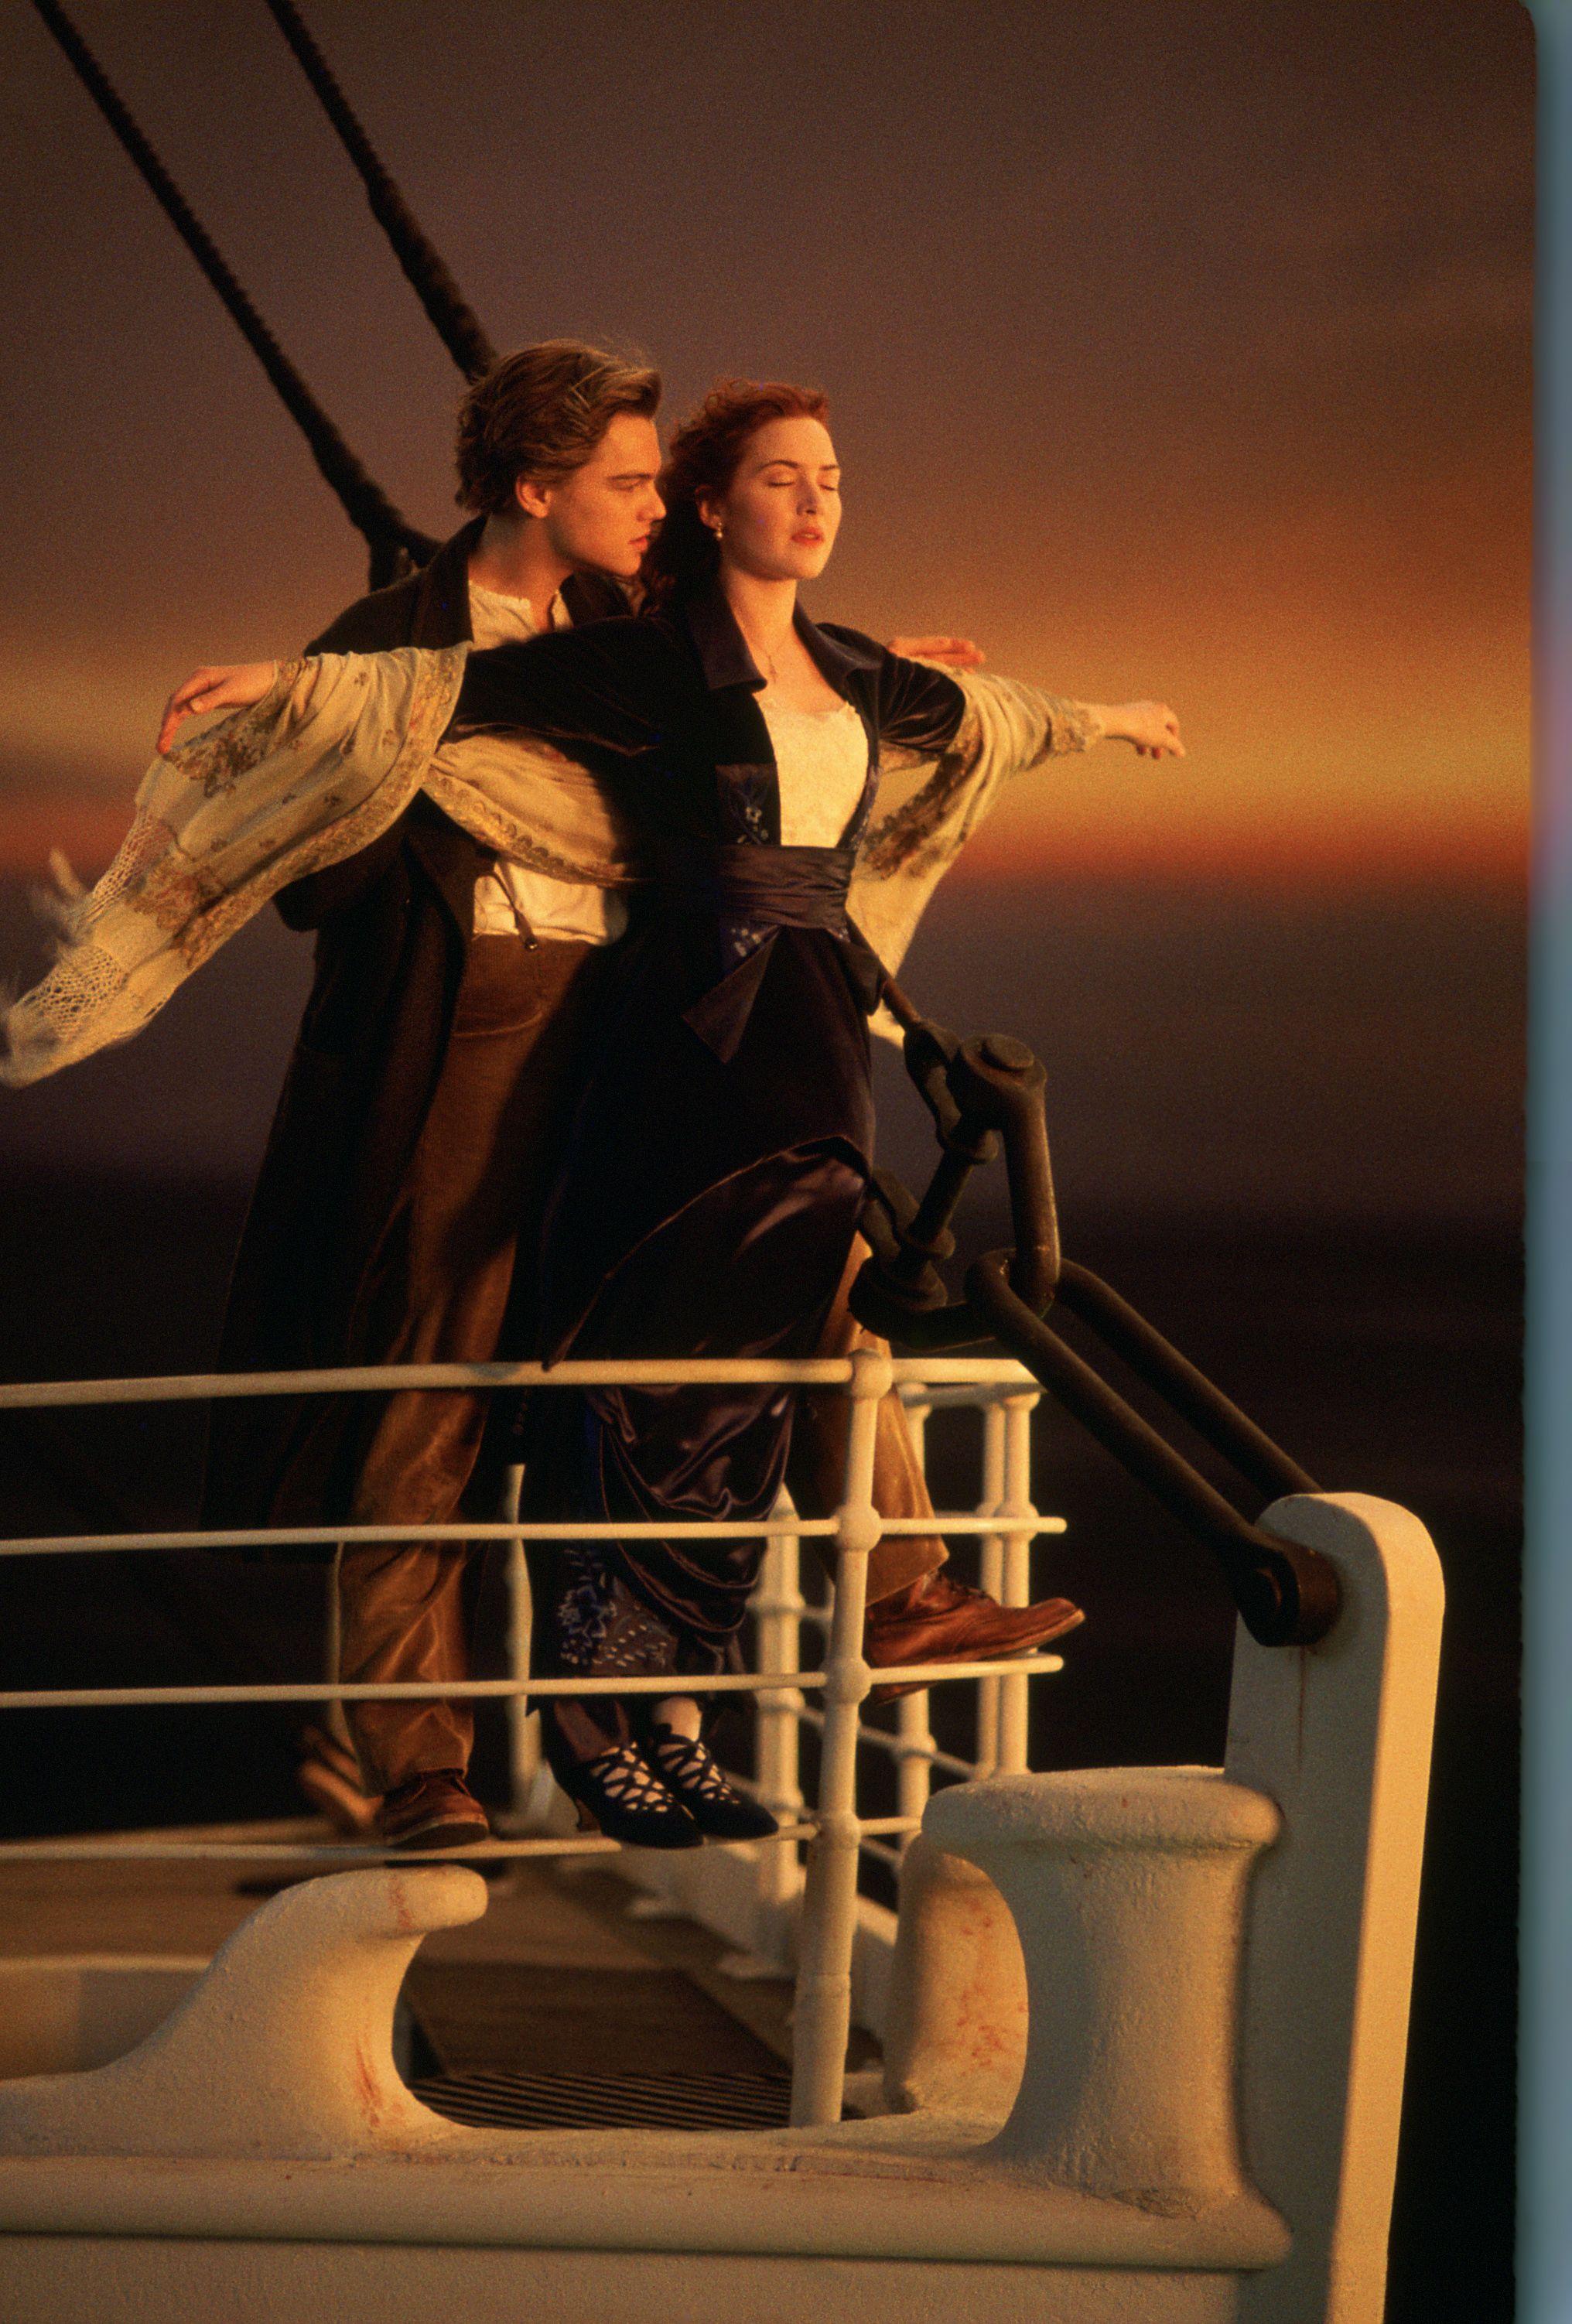 Titanic 3d In Cinemas April 2012 Titanic 3d Titanic Movie